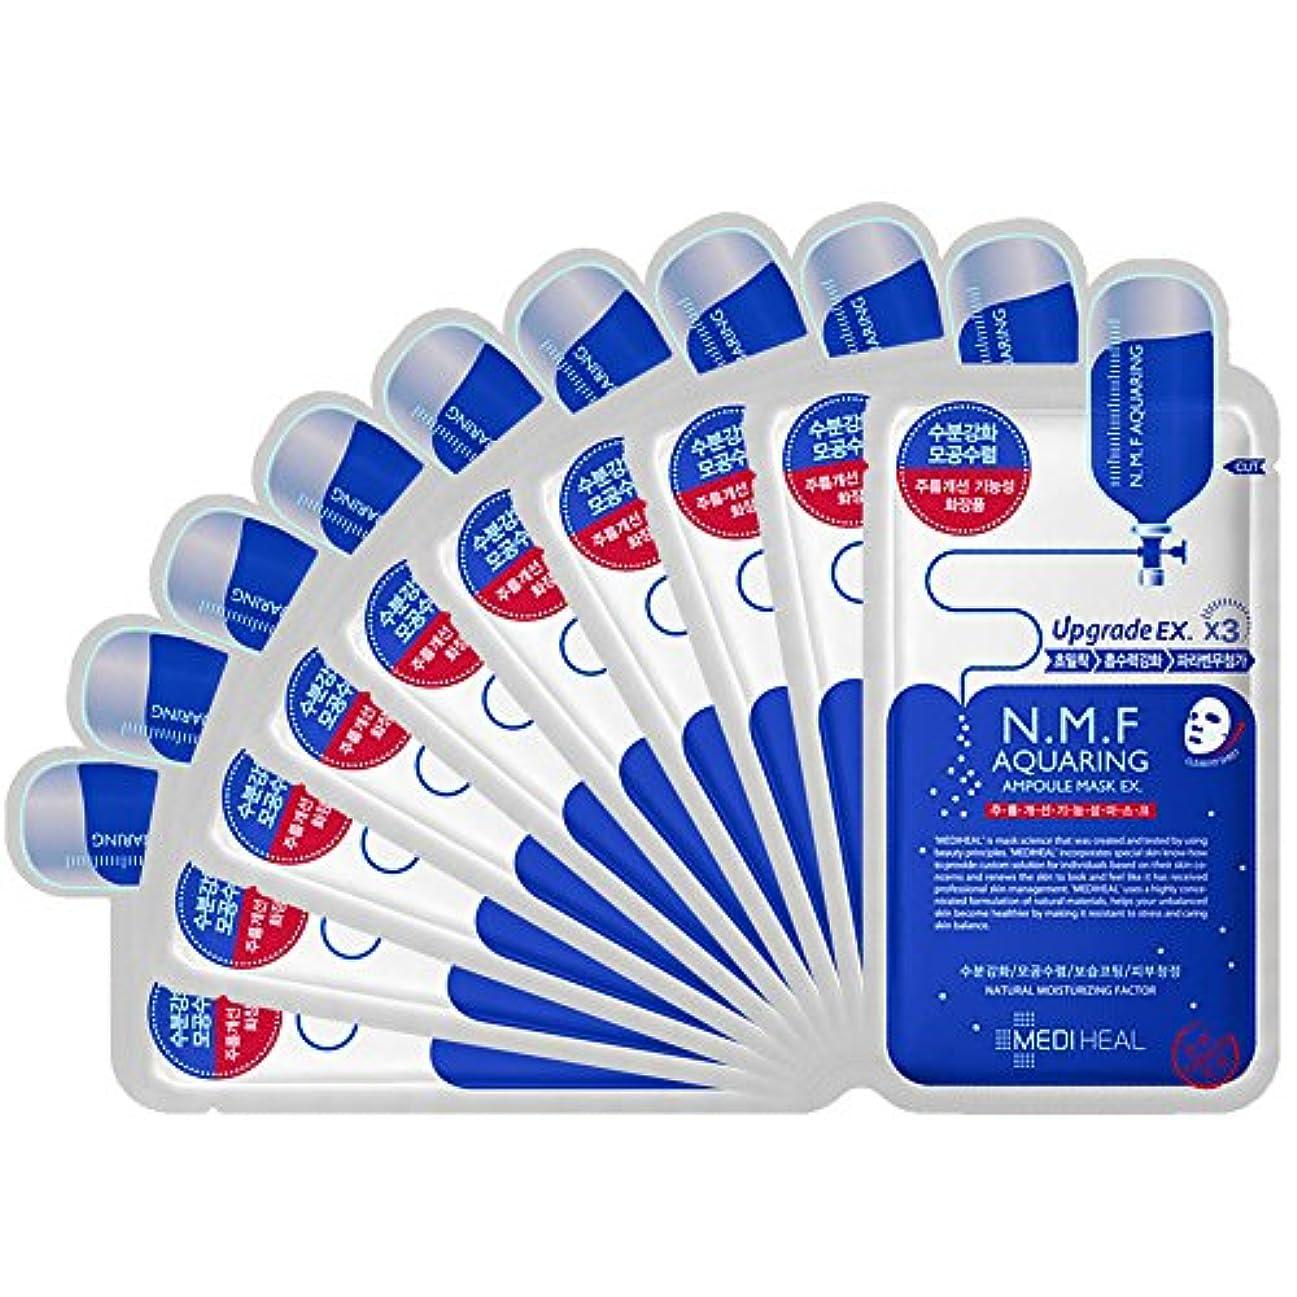 マイナー三角ハードウェアMEDIHEAL N.M.F Aquaring Ampoule Mask Pack of 10 (並行輸入品)